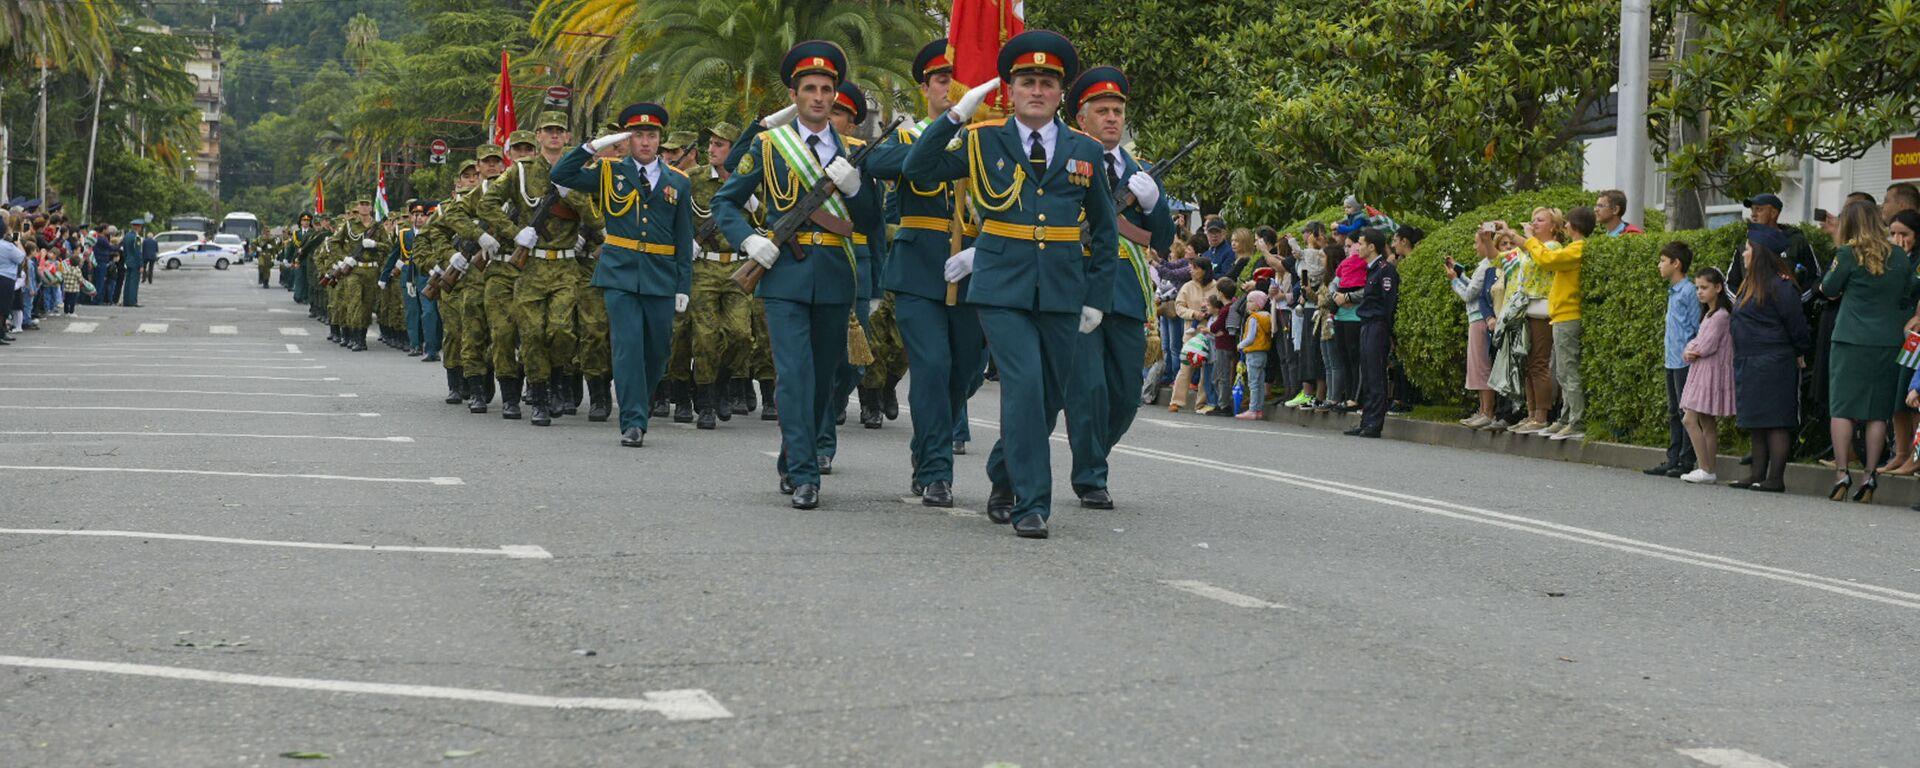 День Победы и Независимости: как Абхазия отметила национальный праздник - Sputnik Абхазия, 1920, 30.09.2021